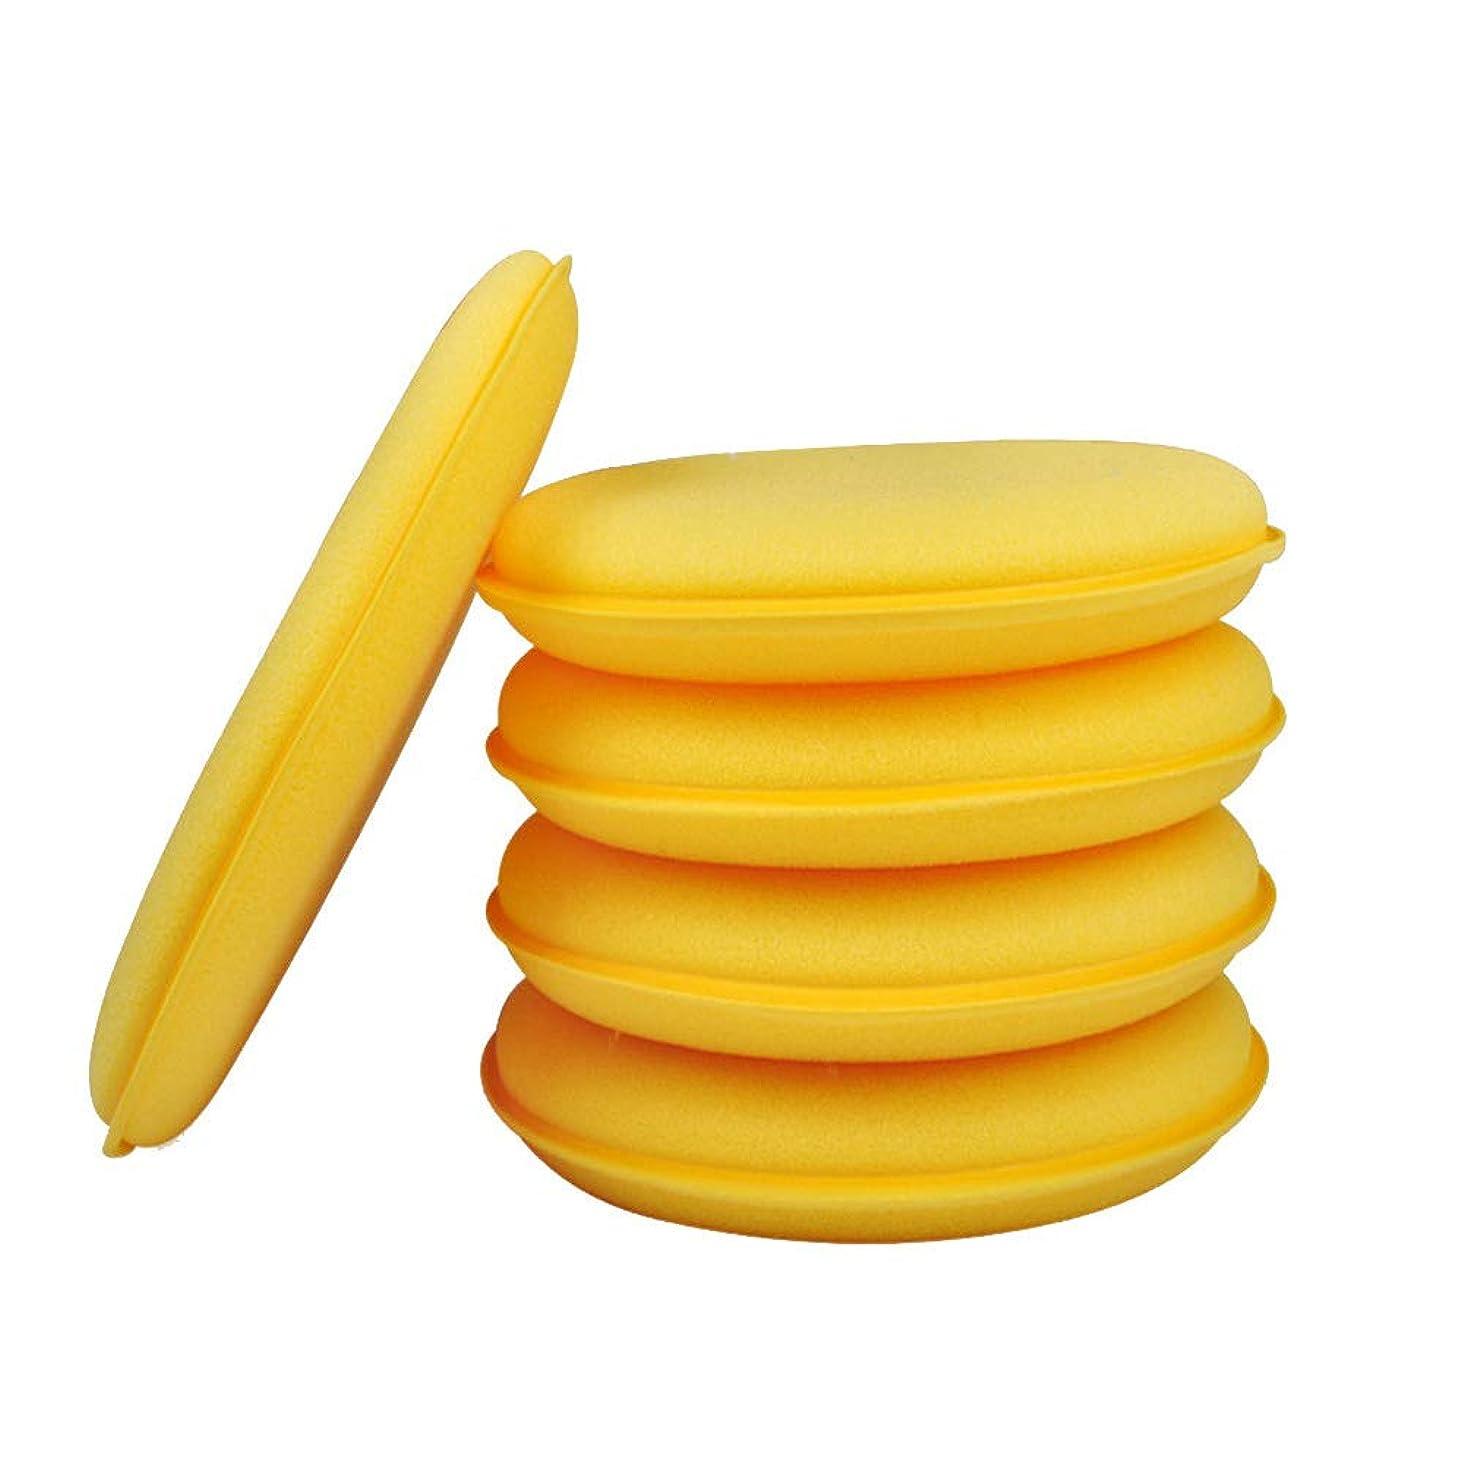 試みる同情単なるVosarea 12ピース洗車スポンジクリーニングスクラバーカーワックスアプリケーターパッド用自動車自動車クリーナーツール(黄色)